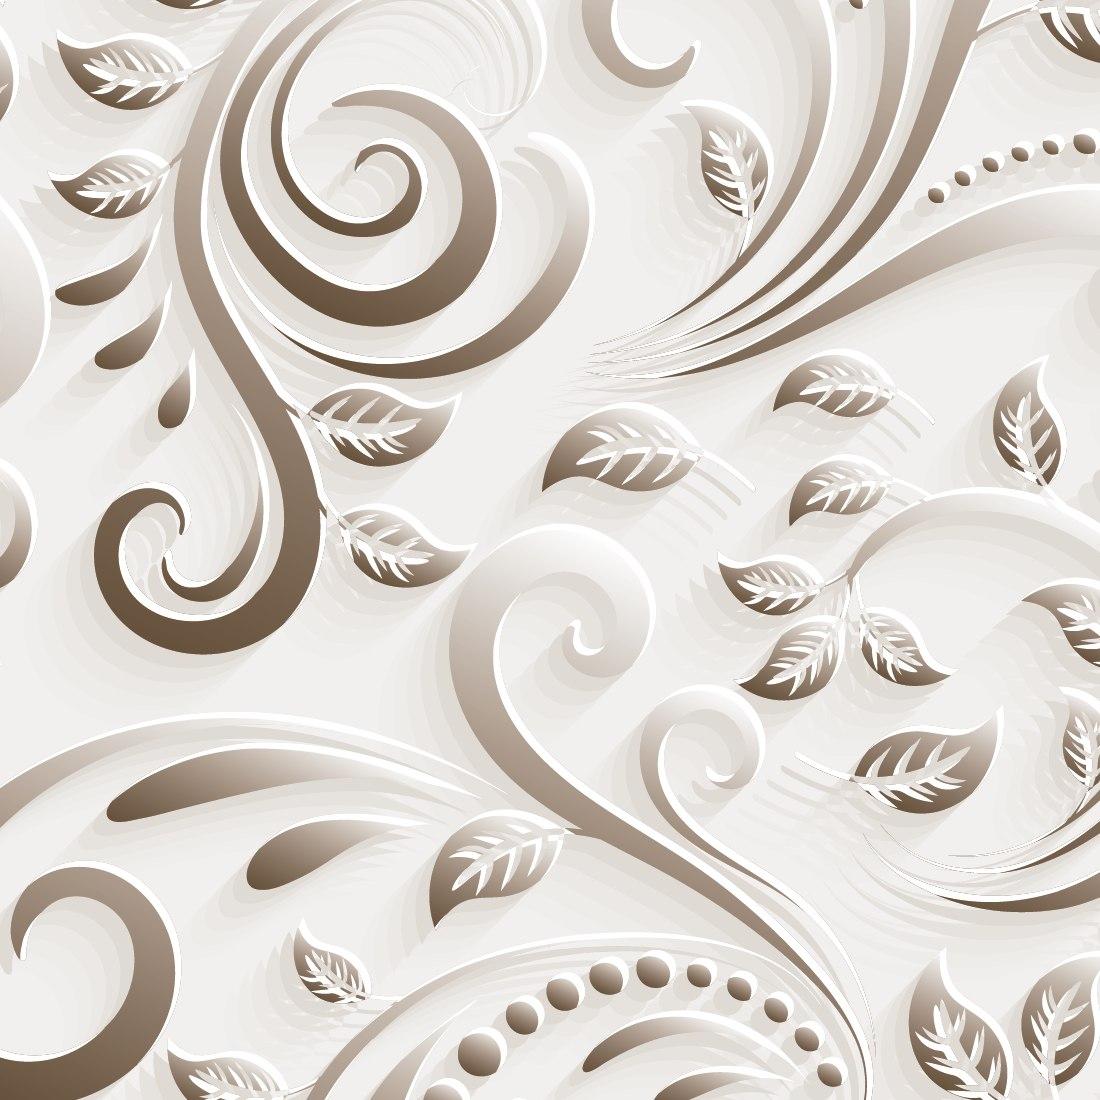 Papel de parede floral efeito 3d v rias cores auto adesivo for Sala de estar com papel de parede 3d